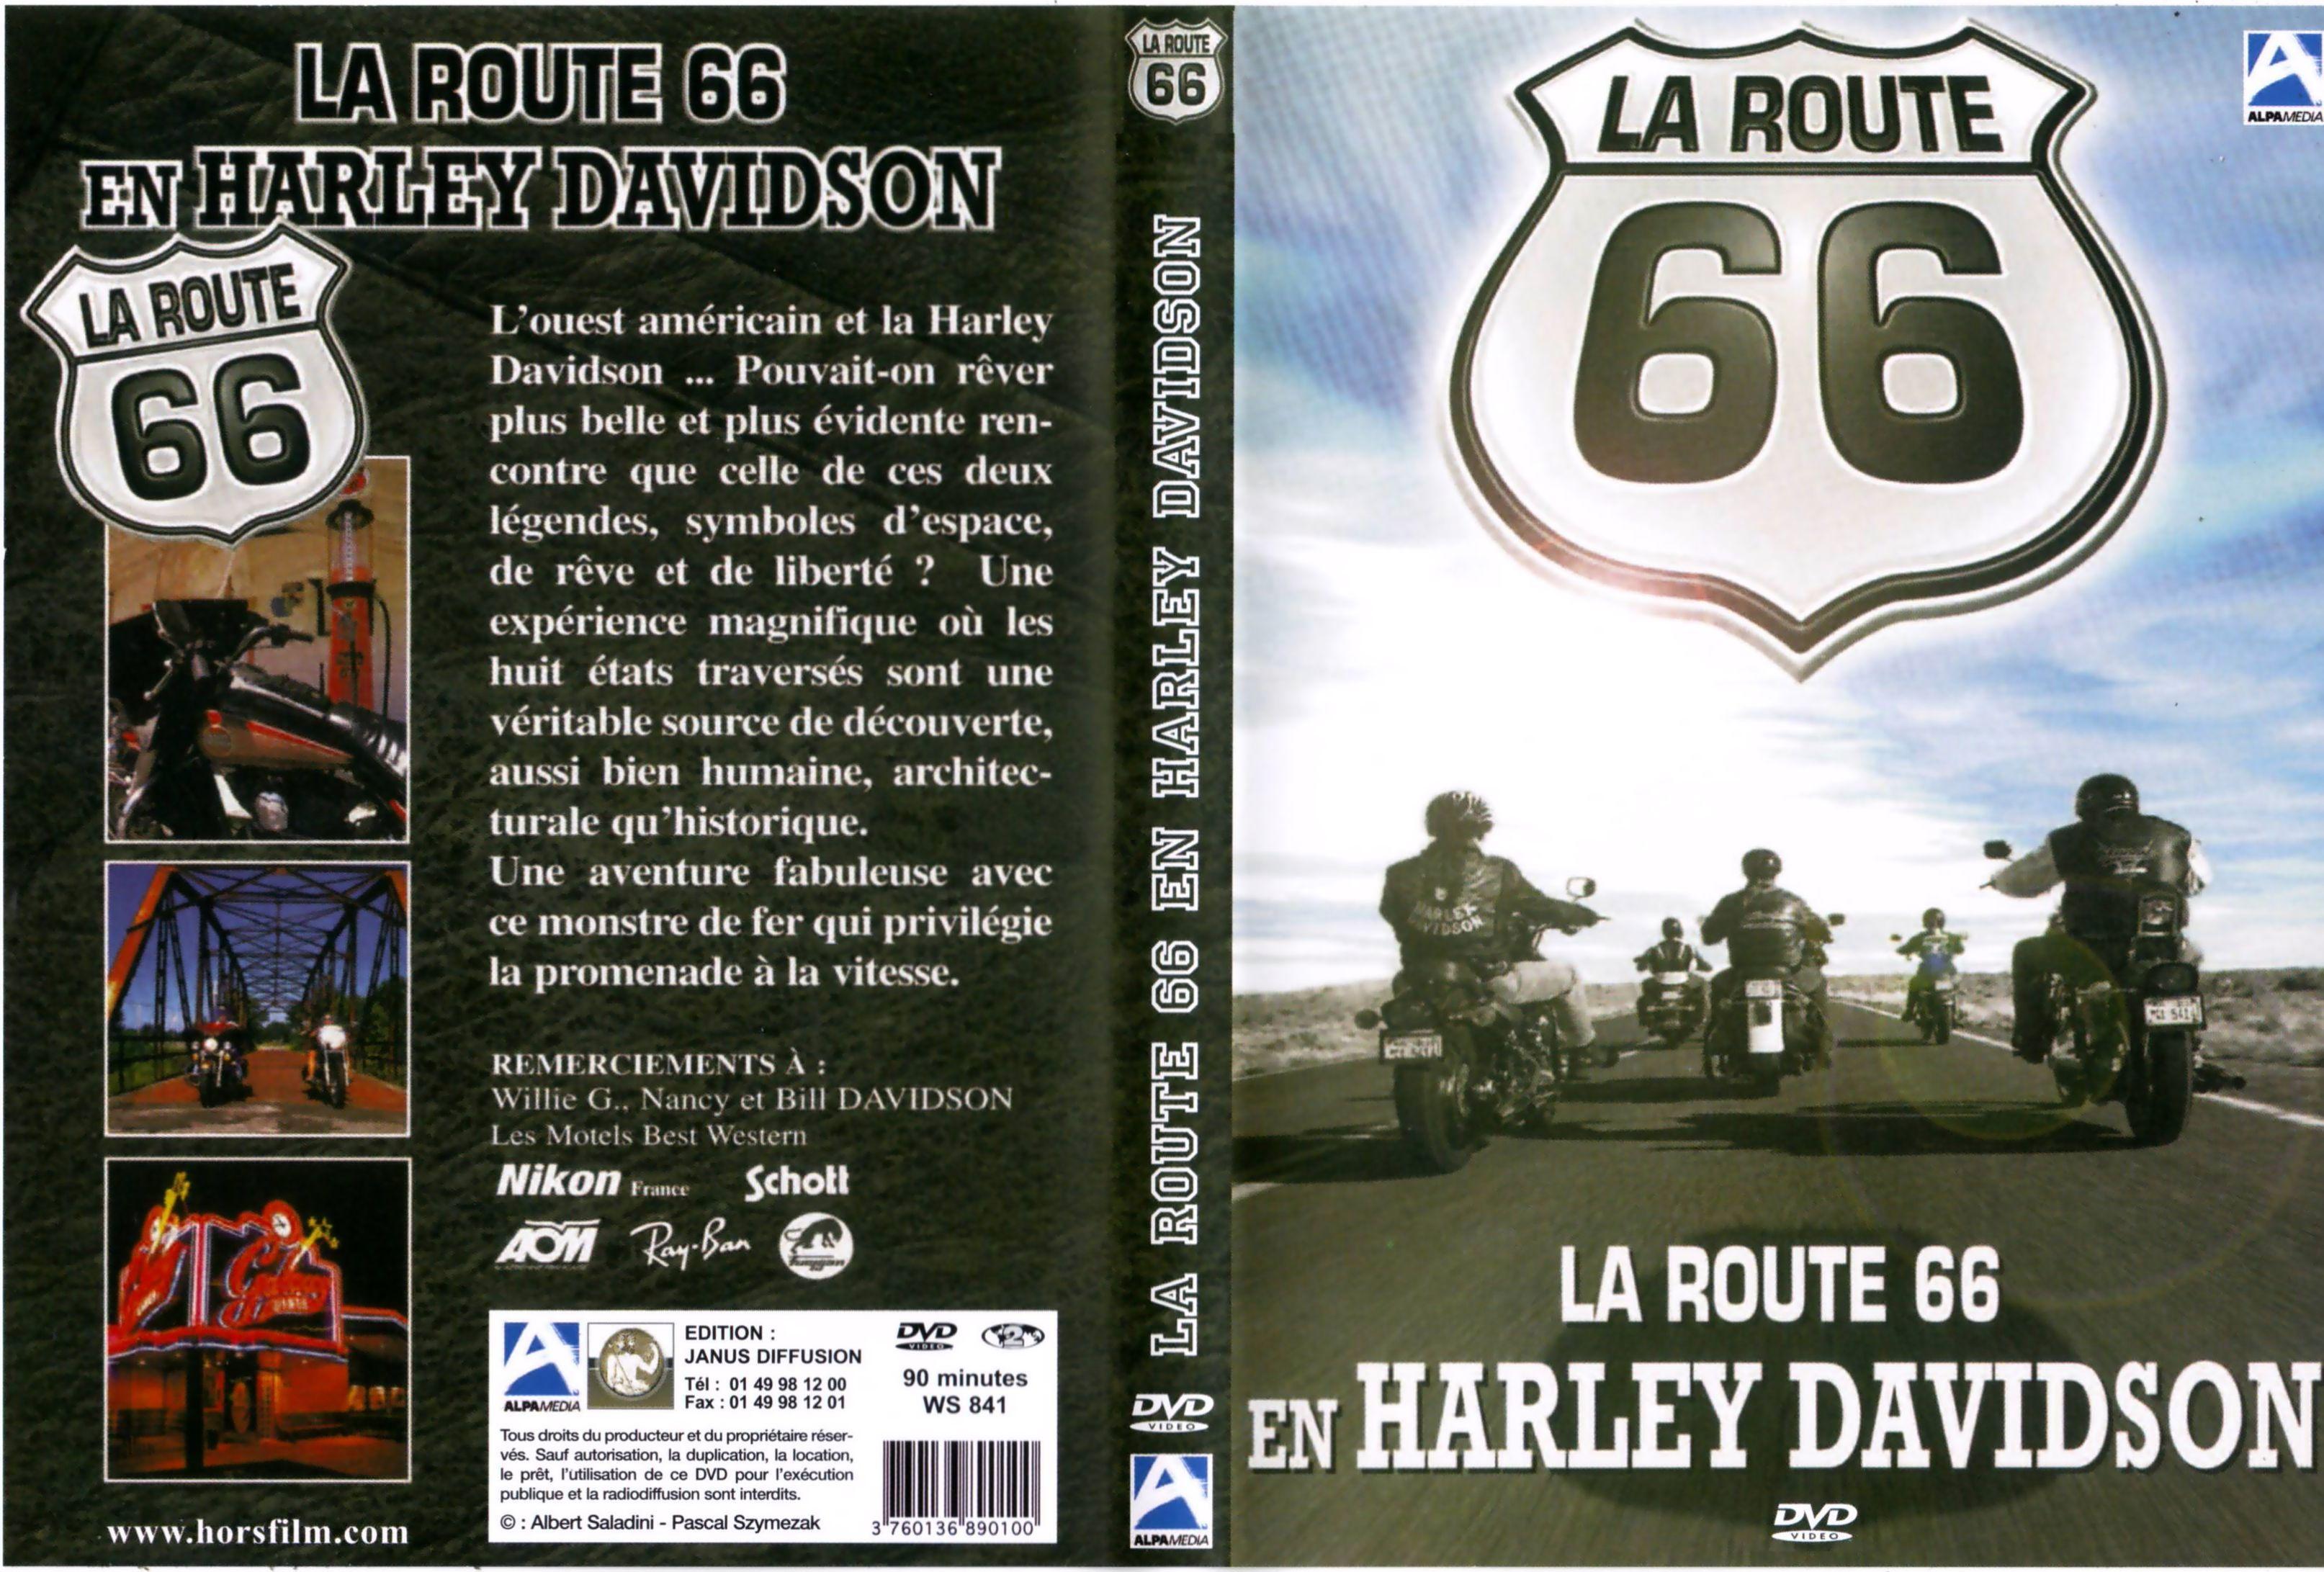 Harley Davidson Route 66 Art Jaquette Dvd De La Route 66 En Harley